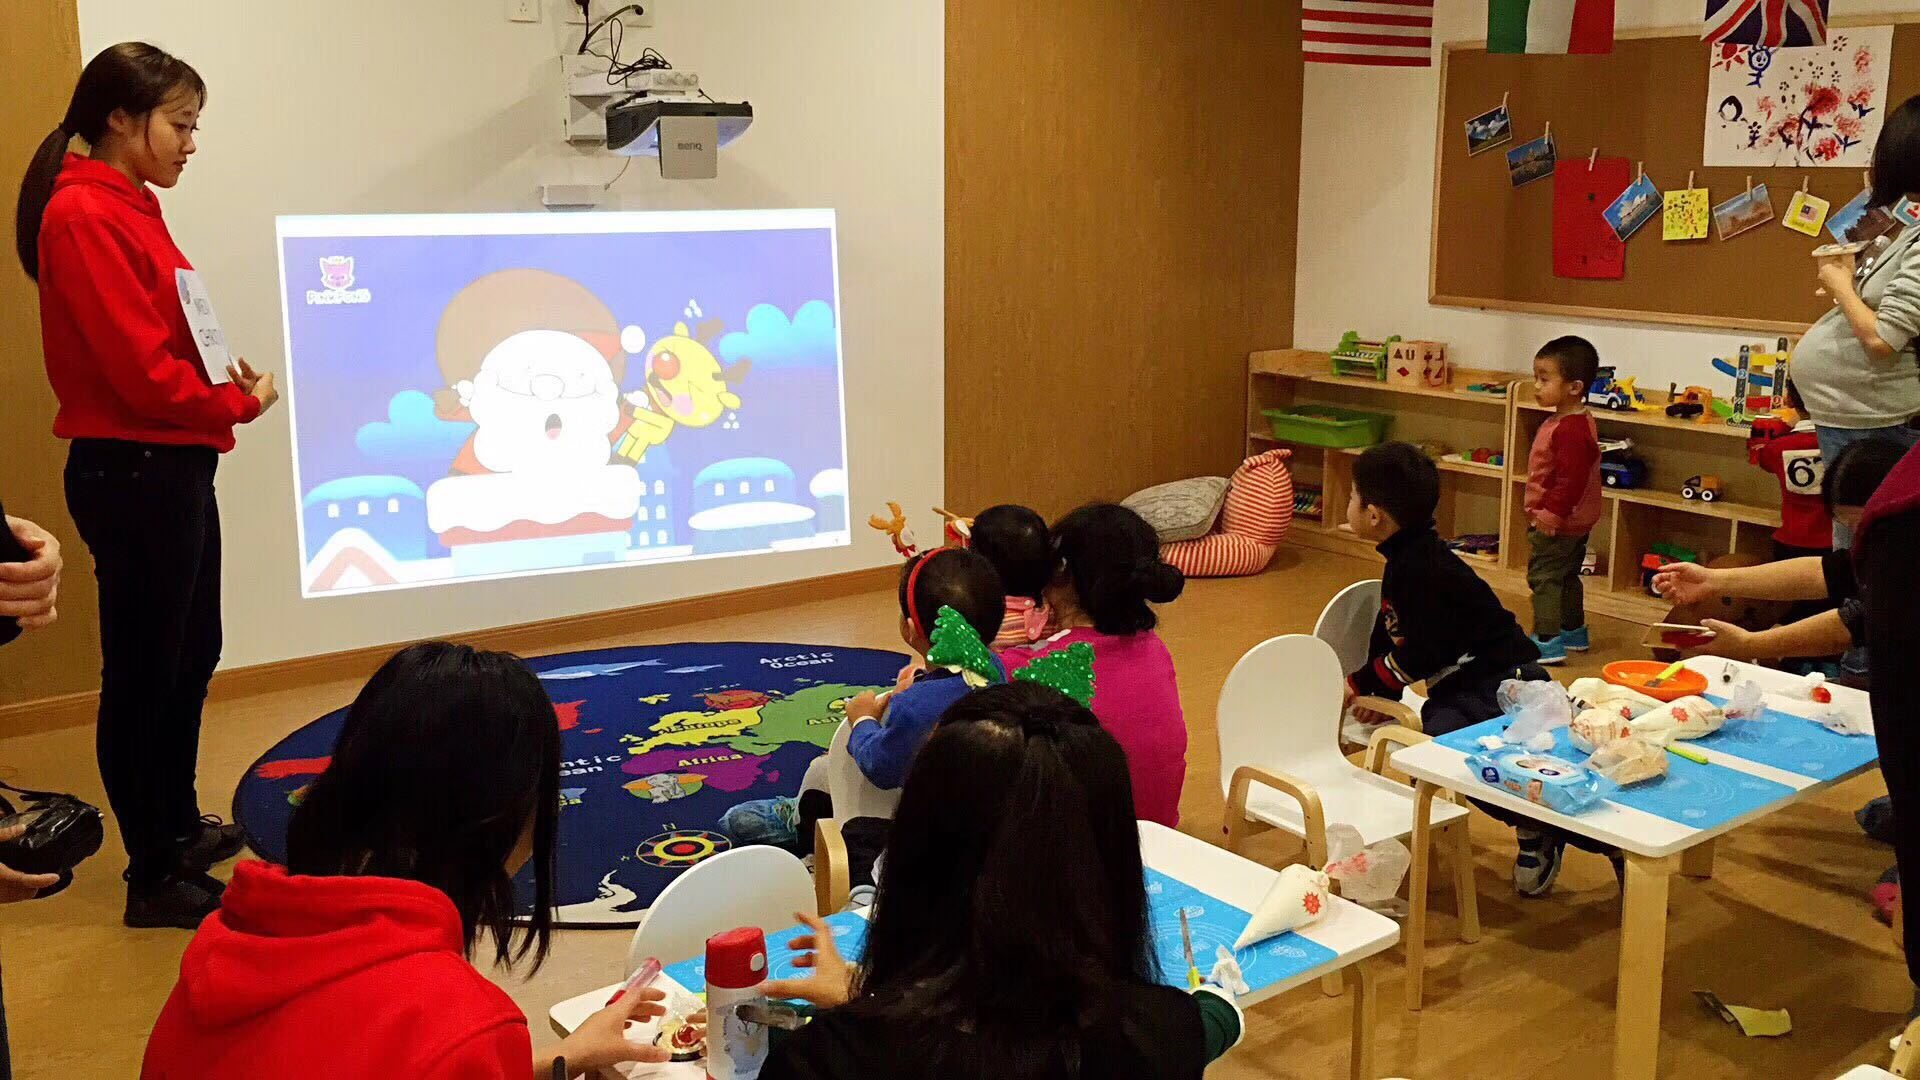 打破学科式教学,YoKID优儿学堂用场景化的游戏课程培养儿童发展能力